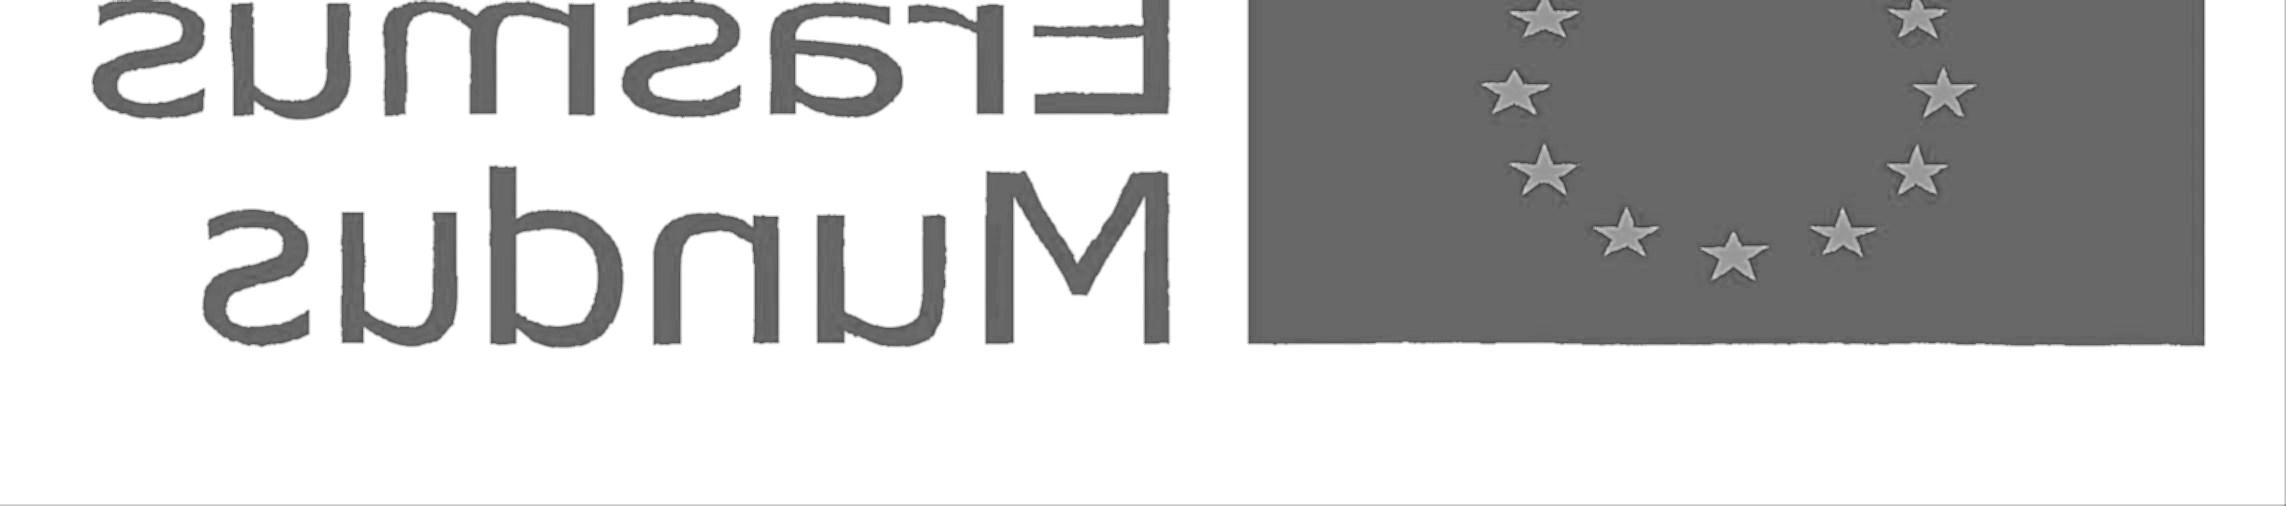 programme-erasmus.jpg